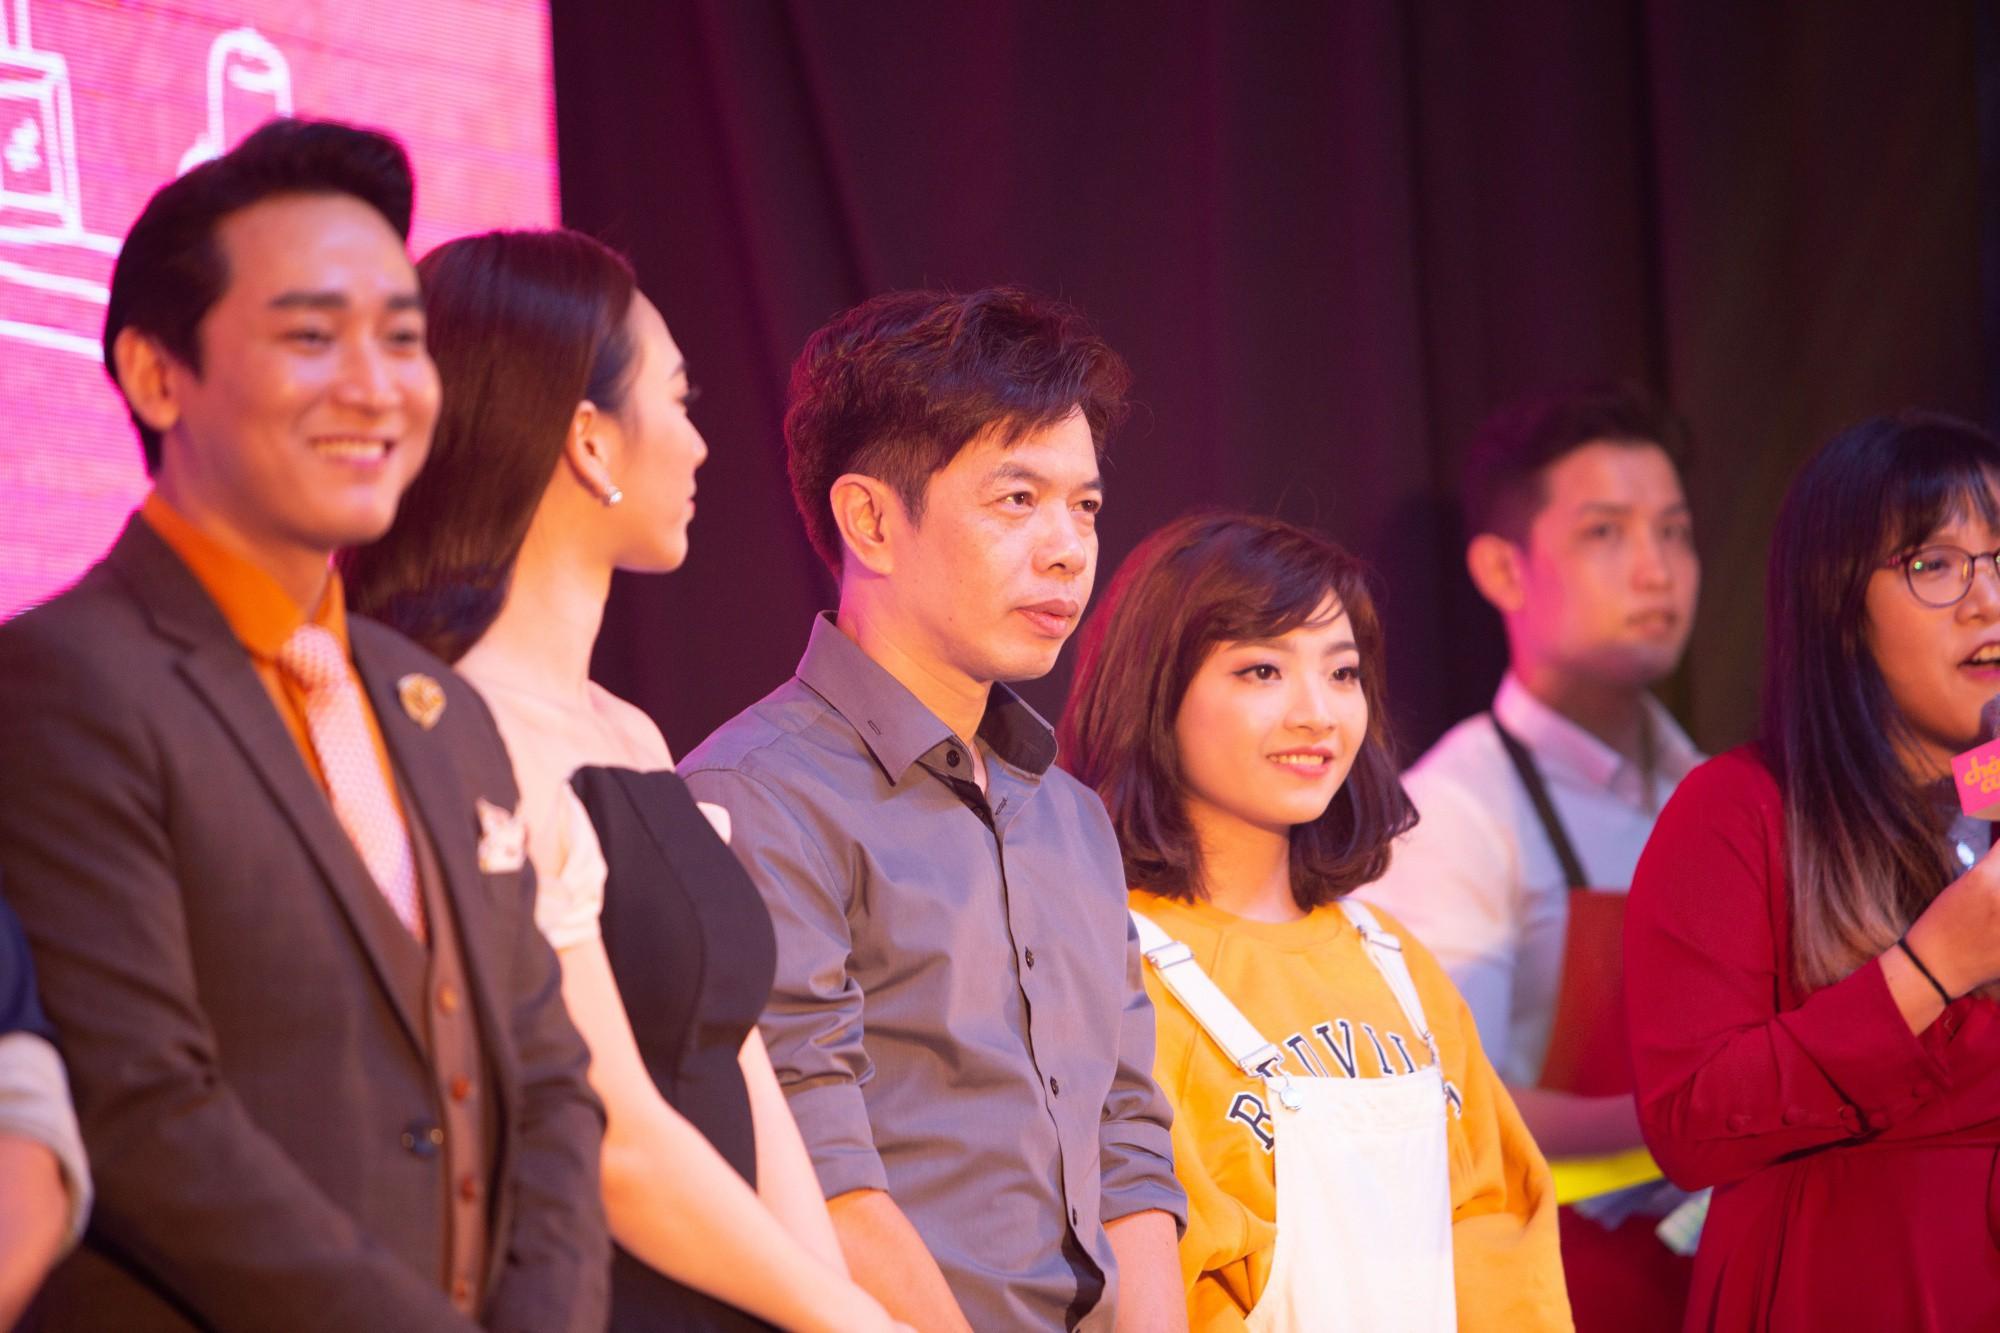 Thái Hòa gây cười không ngớt khi kể chuyện đã khỏa thân hơn 1 ngày trước đám đông  - Ảnh 9.